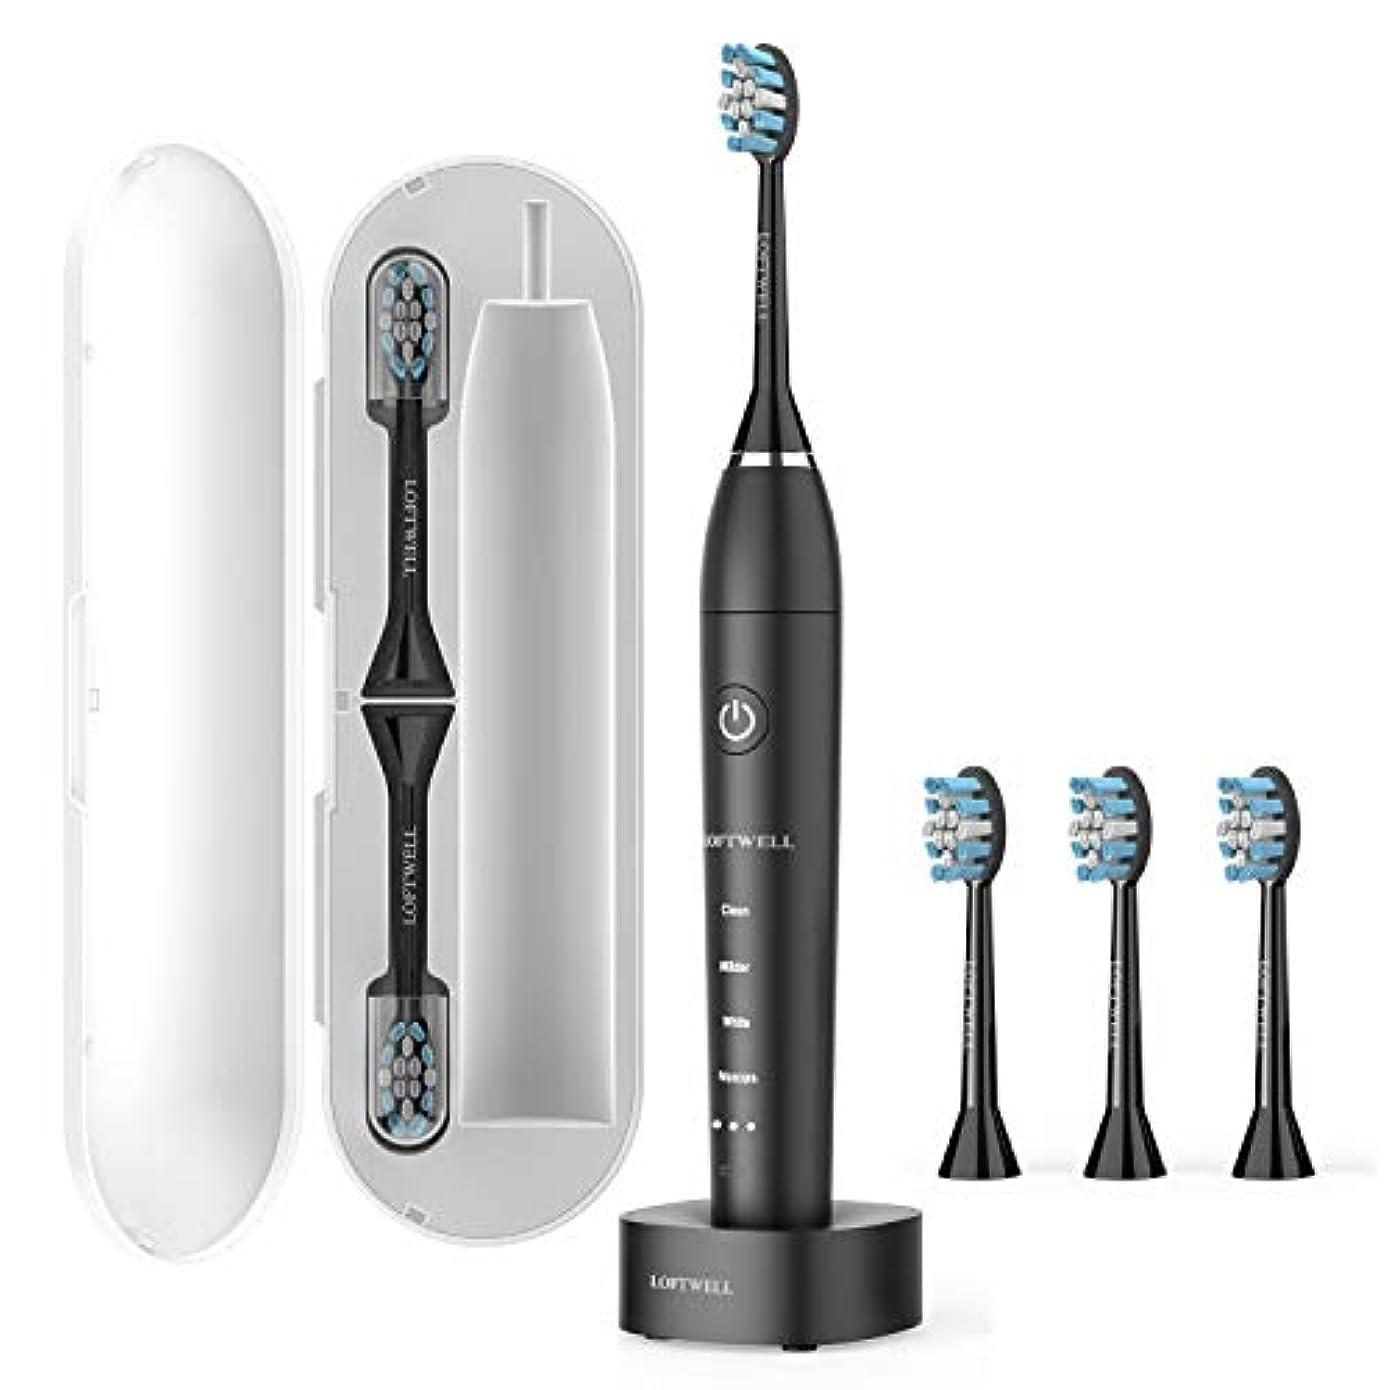 フェミニン賢いフリッパー電動歯ブラシ USB充電式 LOFTWELL 音波歯ブラシ 4モード 超音波 歯ブラシ 2分間オートタイマー機能搭載 フル充電20日使え IPX7防水 替えブラシ6本付き (D5-電動歯ブラシ)